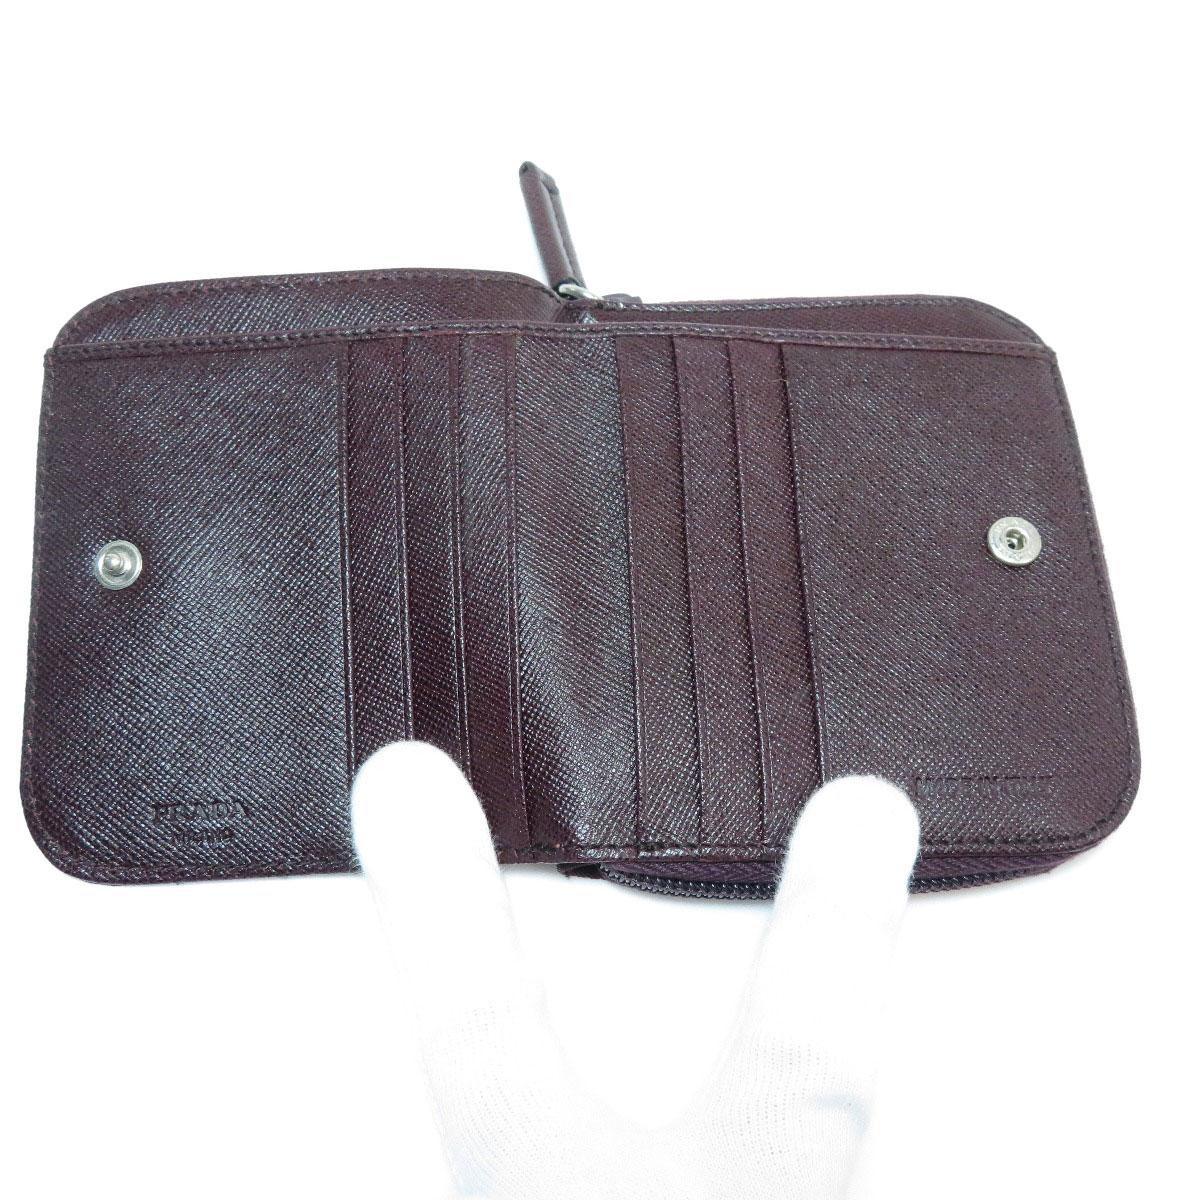 a3bce7a9ba85 PRADA ロゴプレート ステッチデザイン ナイロン素材 レディース 【中古】【プラダ】 二つ折り財布(小銭入れあり)-レディース財布